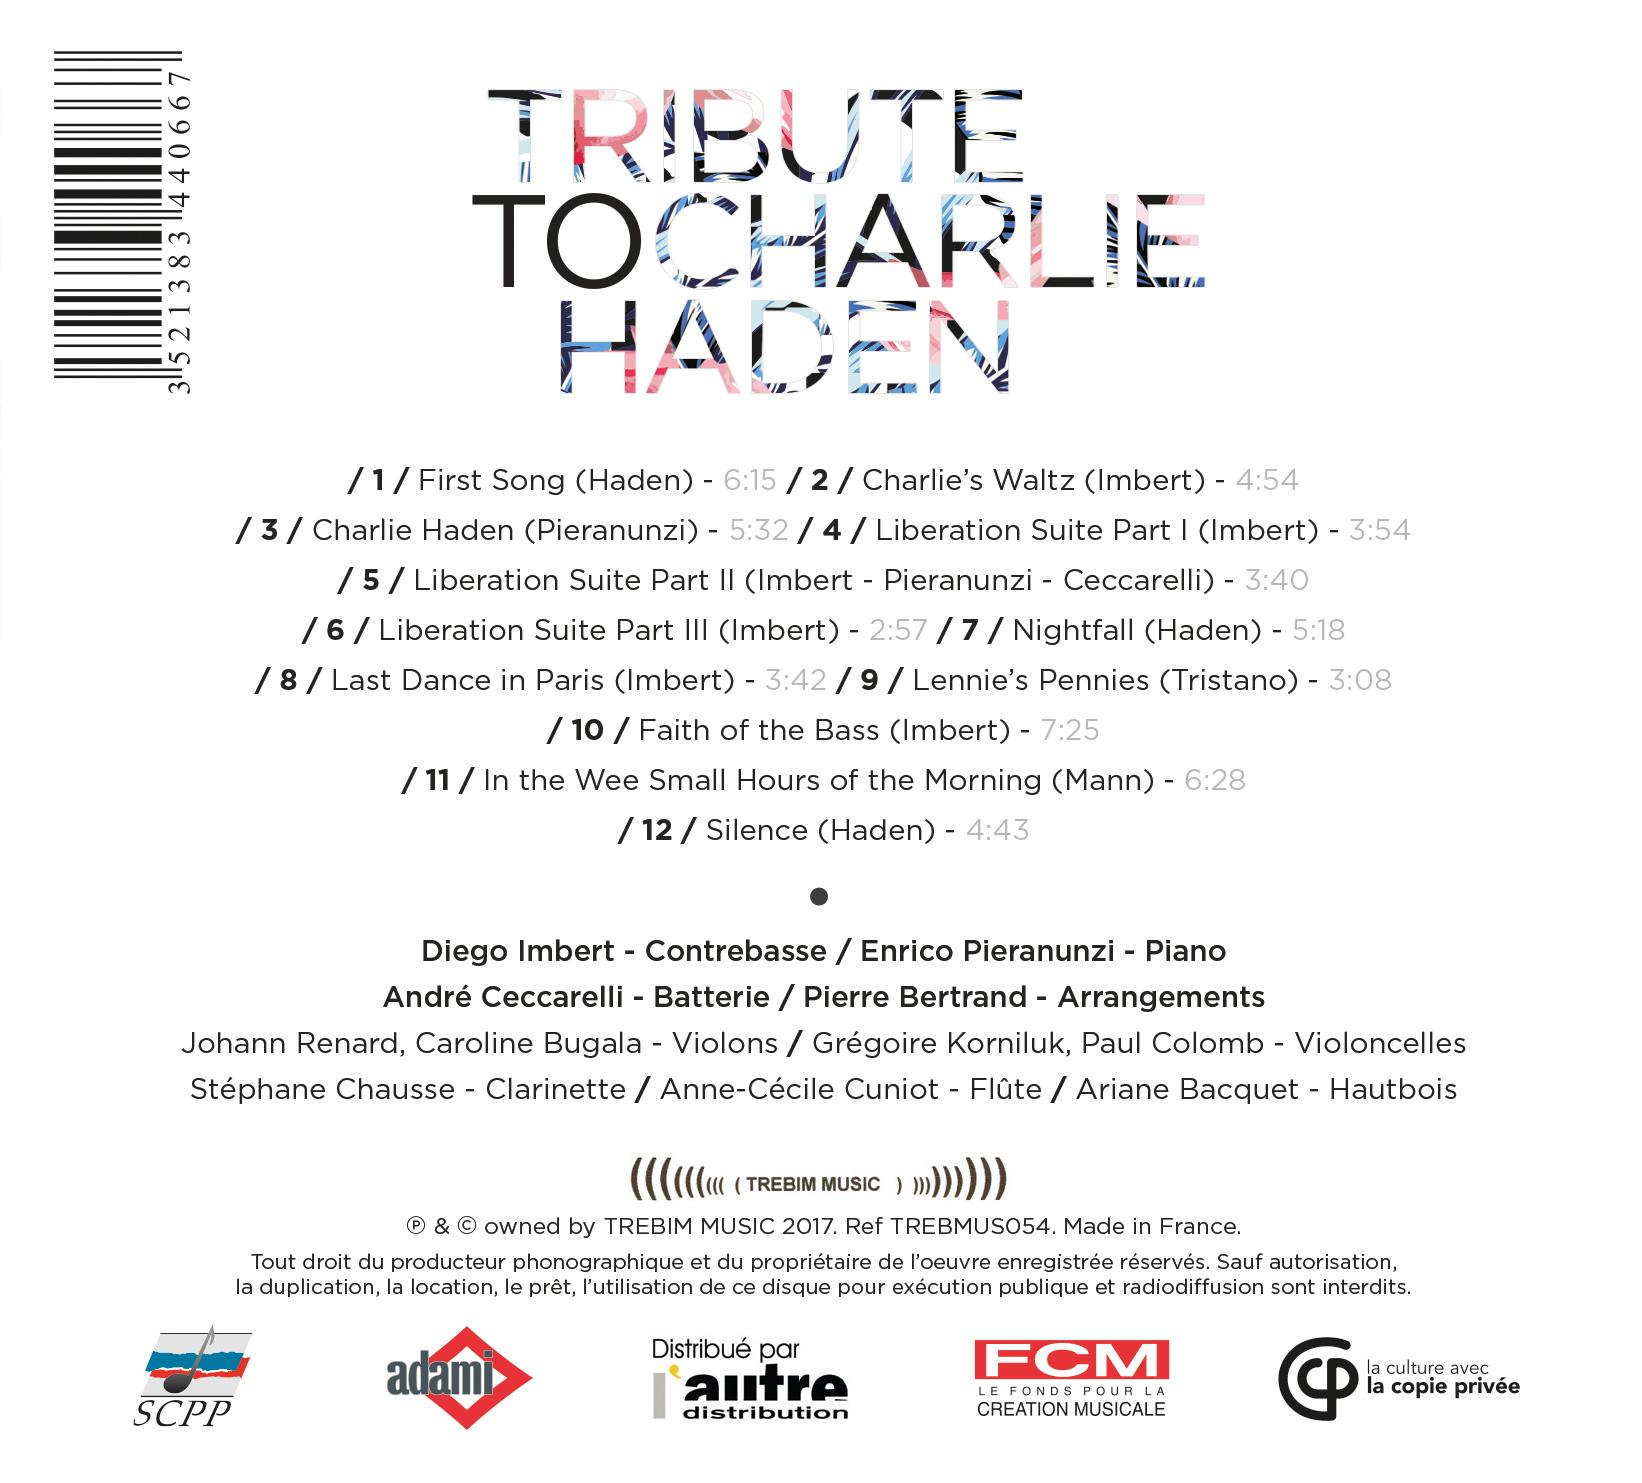 TributeToCharlieHaden-DiegoImbert-Img2